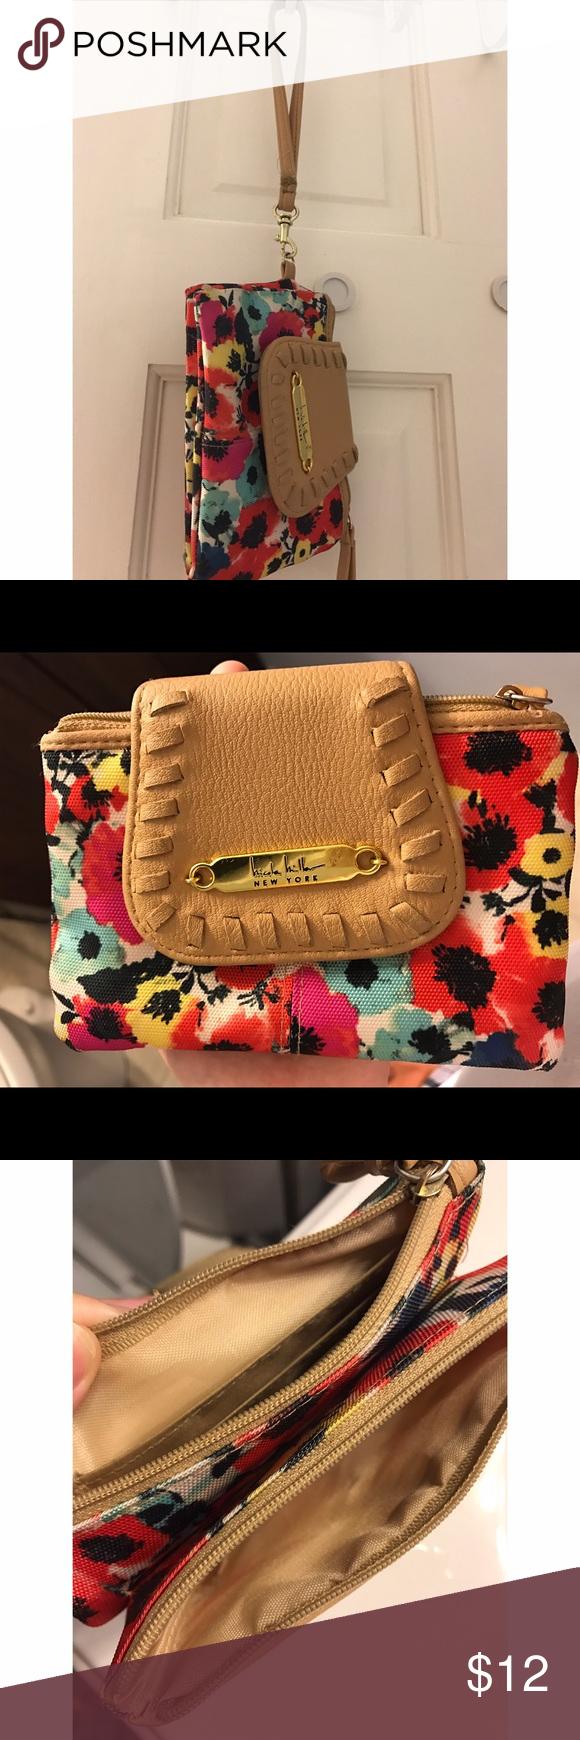 Nicole Miller floral wallet Nicole Miller floral wallet